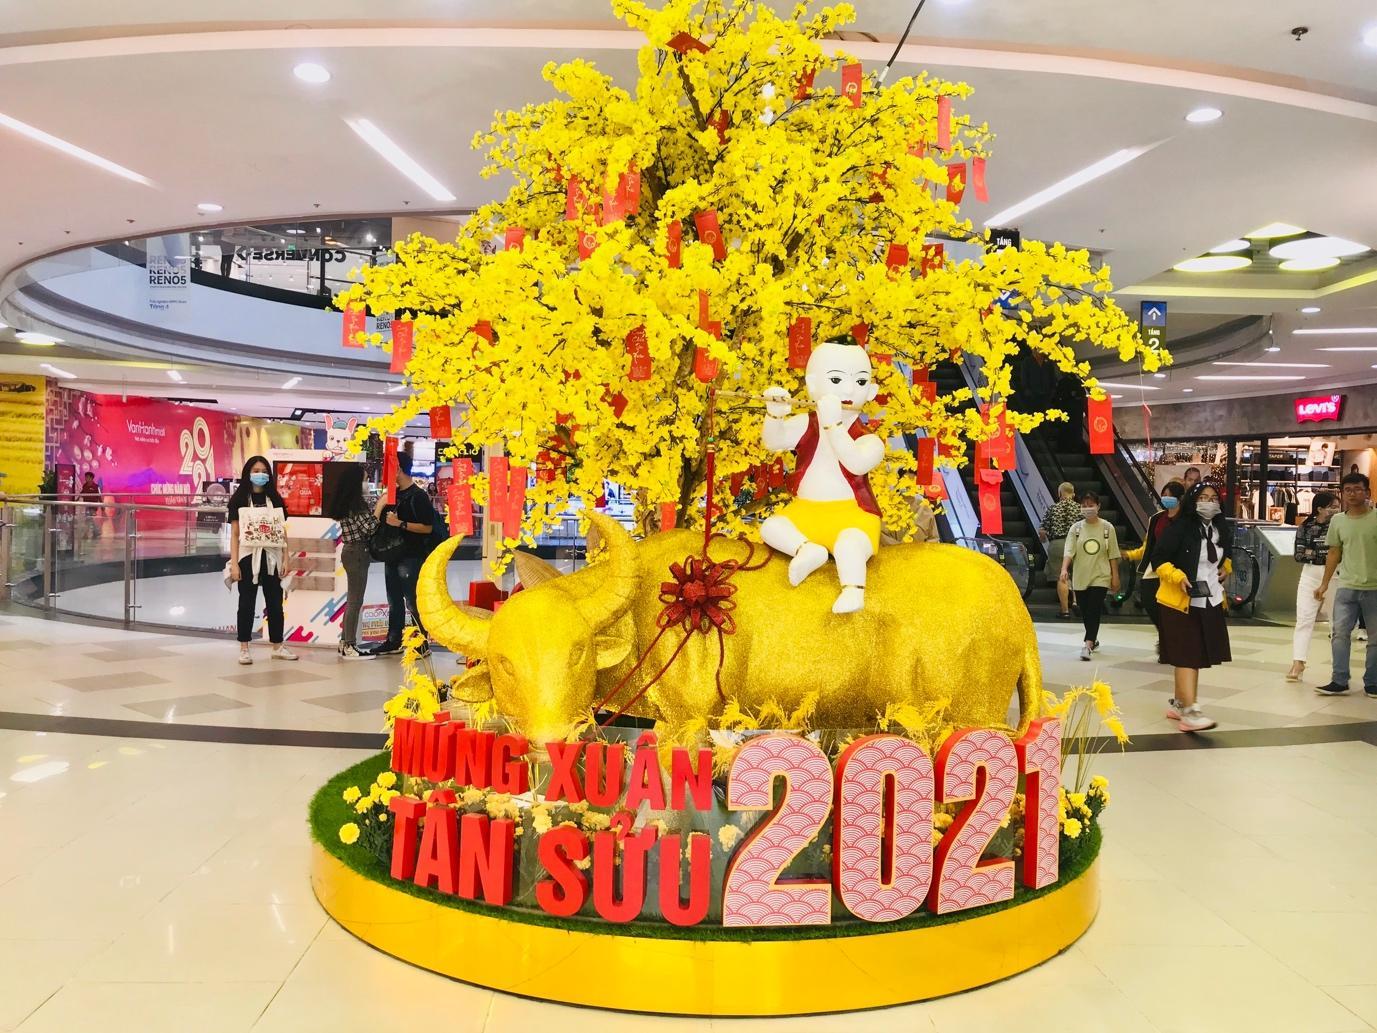 Thị trường quà Tết 2021: Giỏ quà chiếm ưu thế, độc lạ mẫu trâu vàng - Ảnh 1